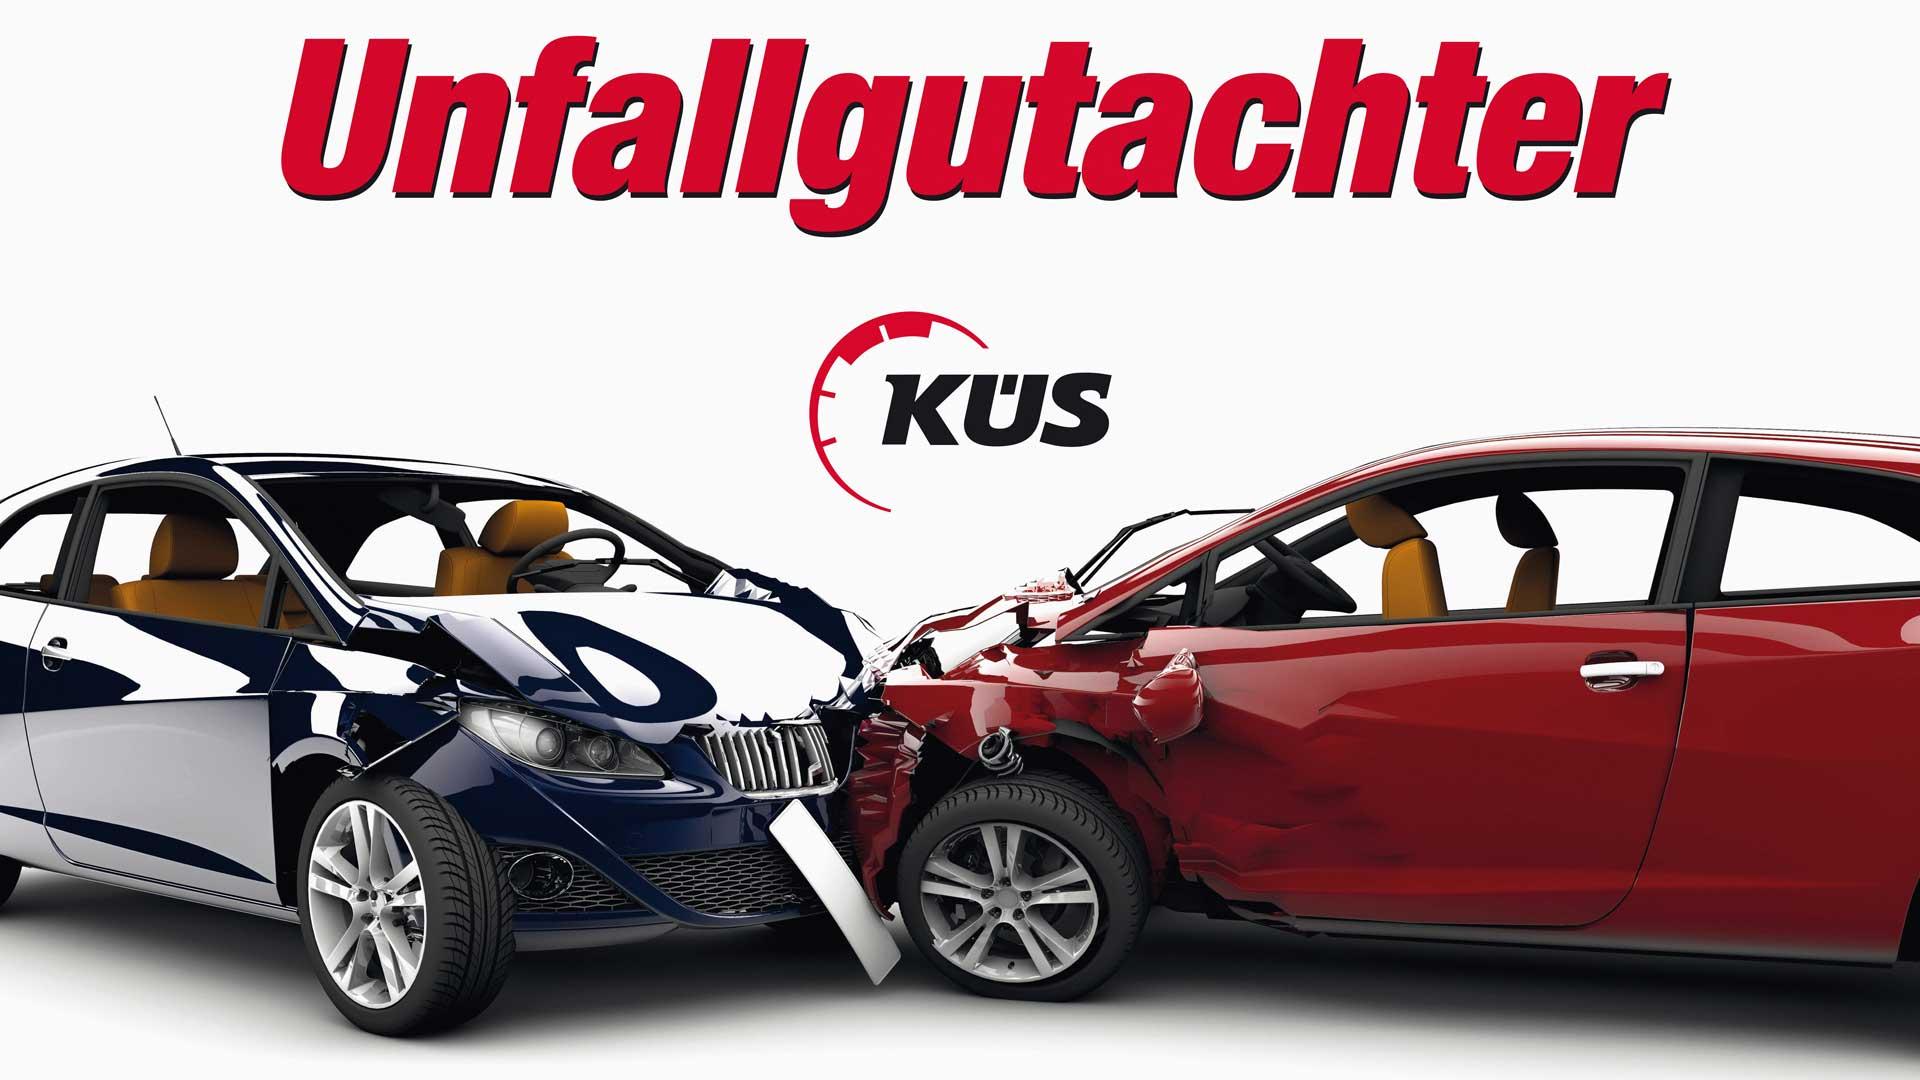 http://gutachter-duisburg.de/wp-content/uploads/2017/10/gutachter-duisburg.de-autos-crash.jpg